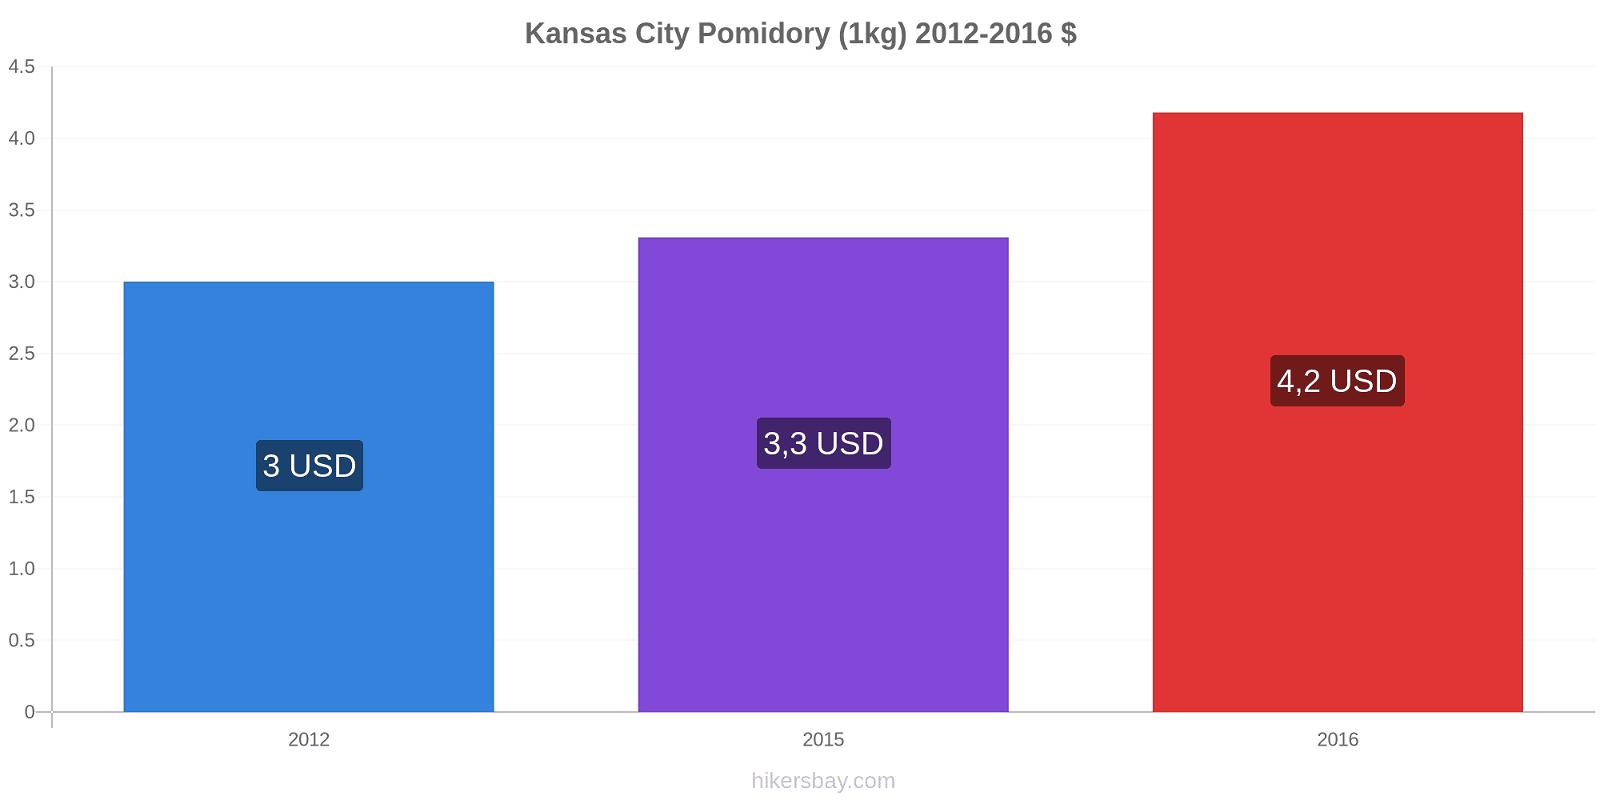 Kansas City zmiany cen Pomidory (1kg) hikersbay.com